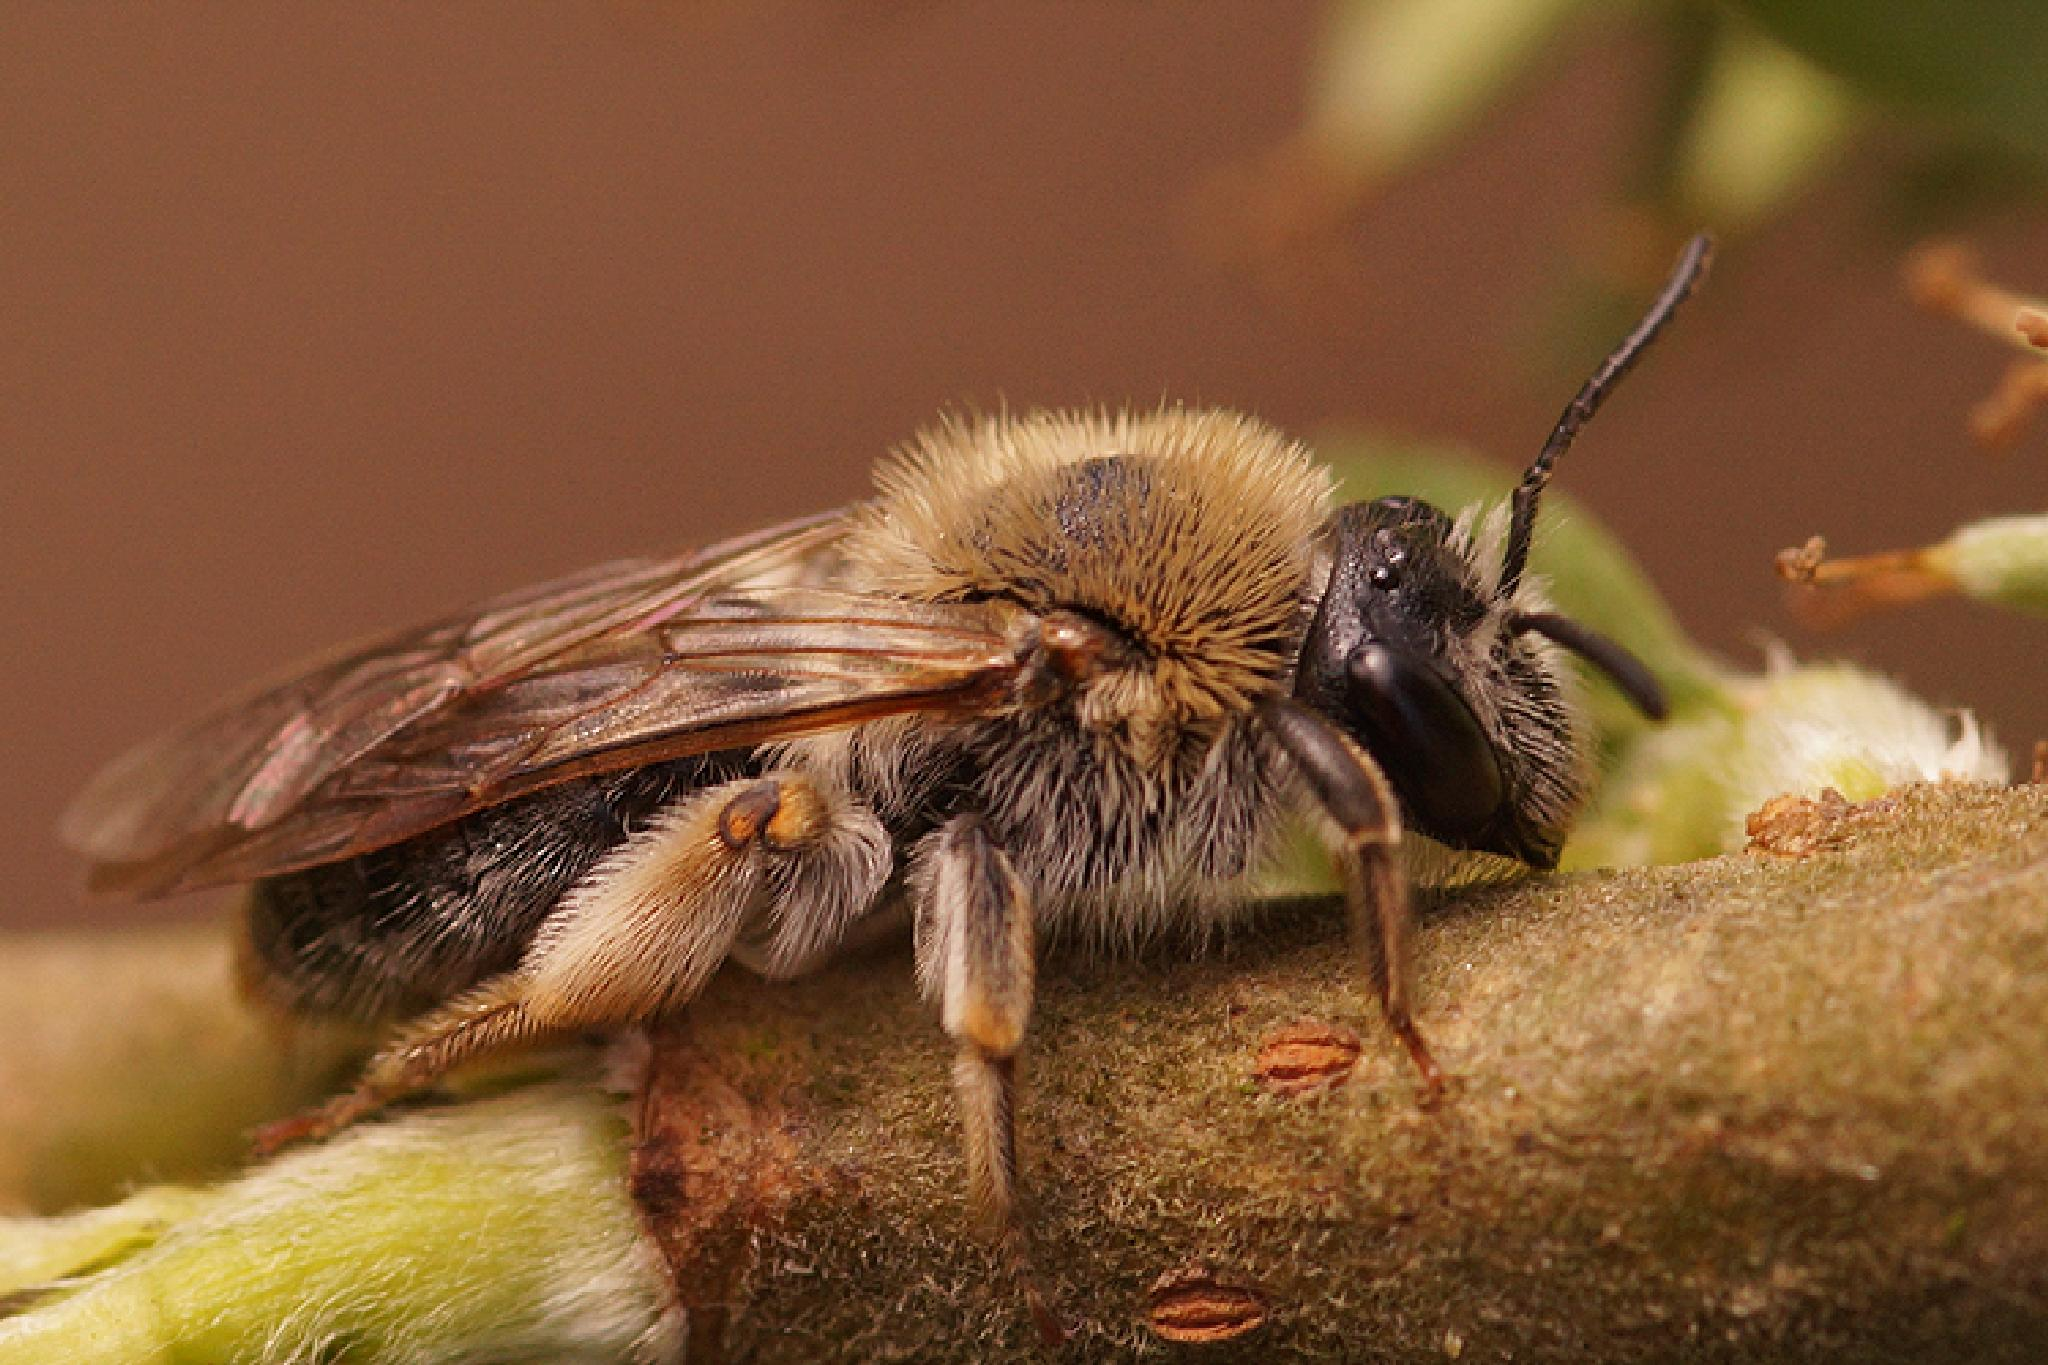 Andrena haemorrhoa by Henk Wallays